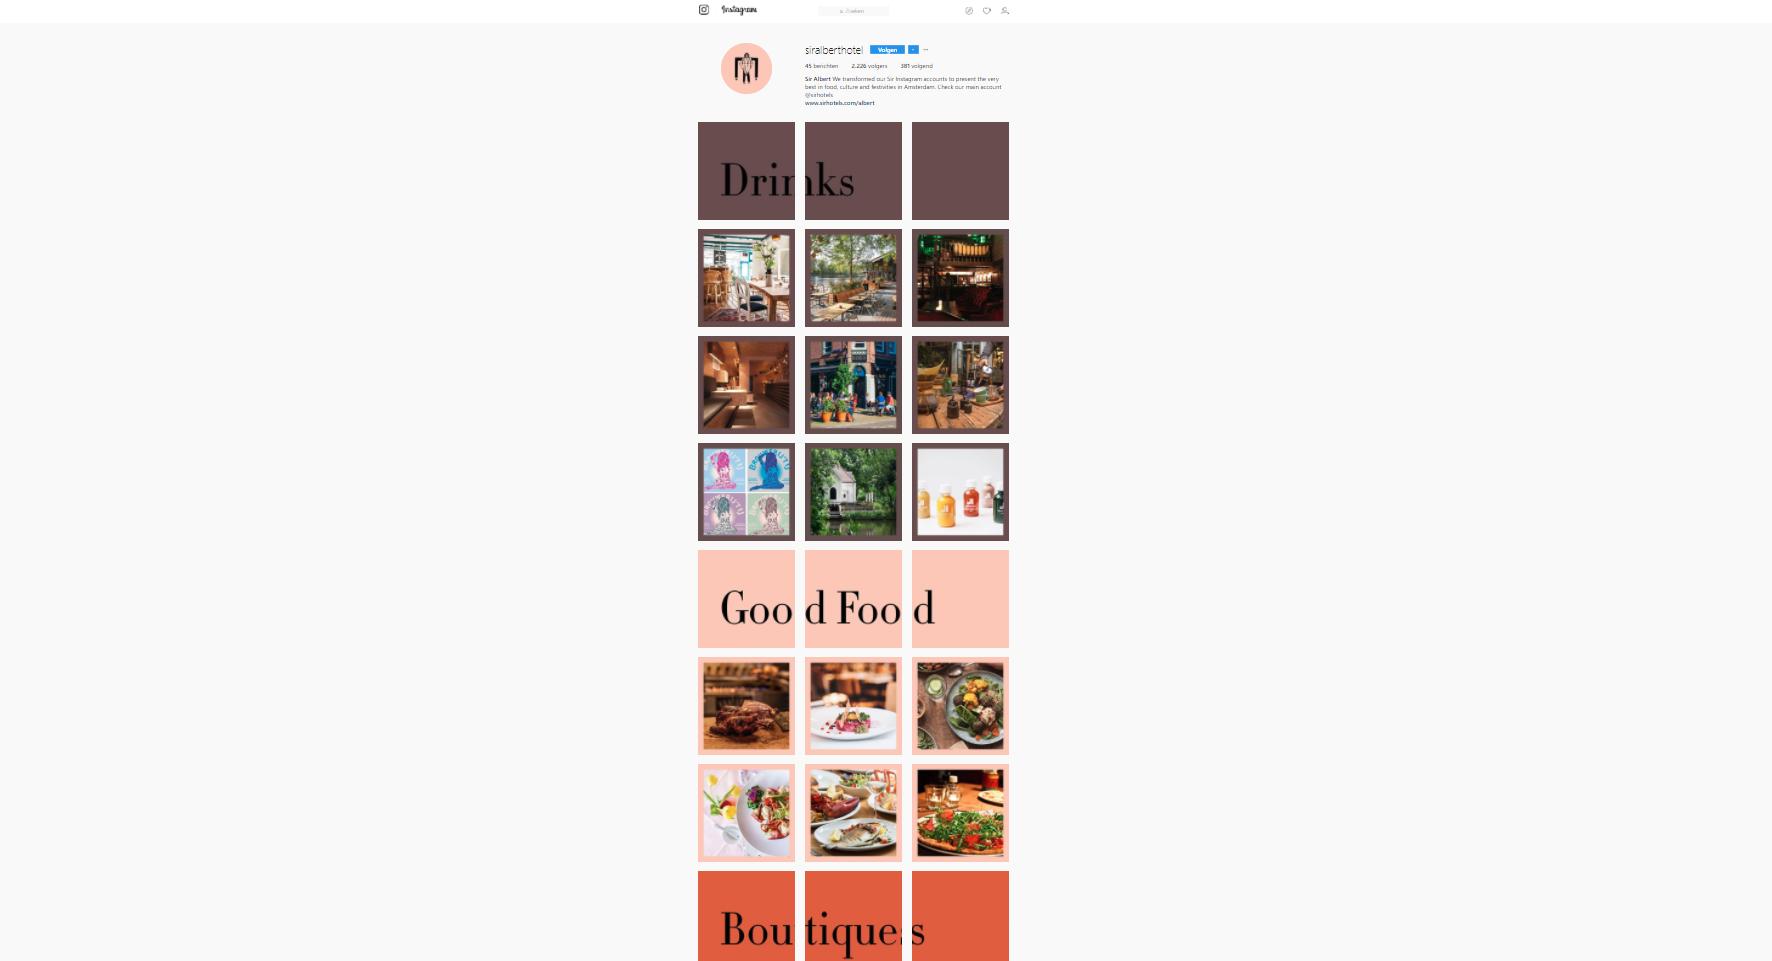 Instagram campagne sir albert hotel - Frankwatching